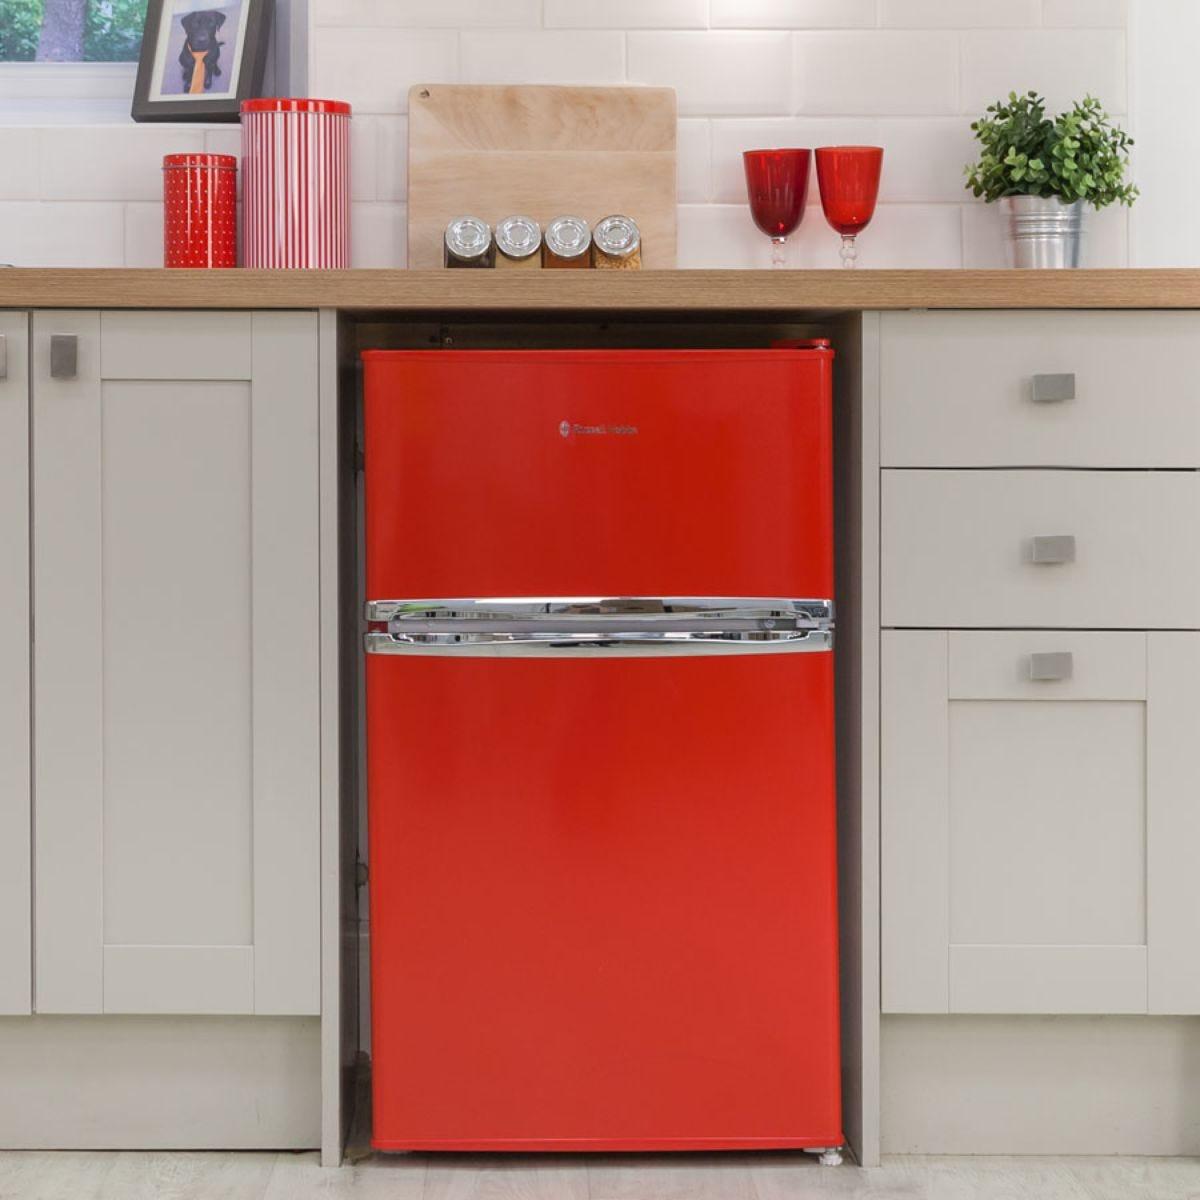 Russell Hobbs RHUCFF50R 90L Under Counter Fridge Freezer - Red